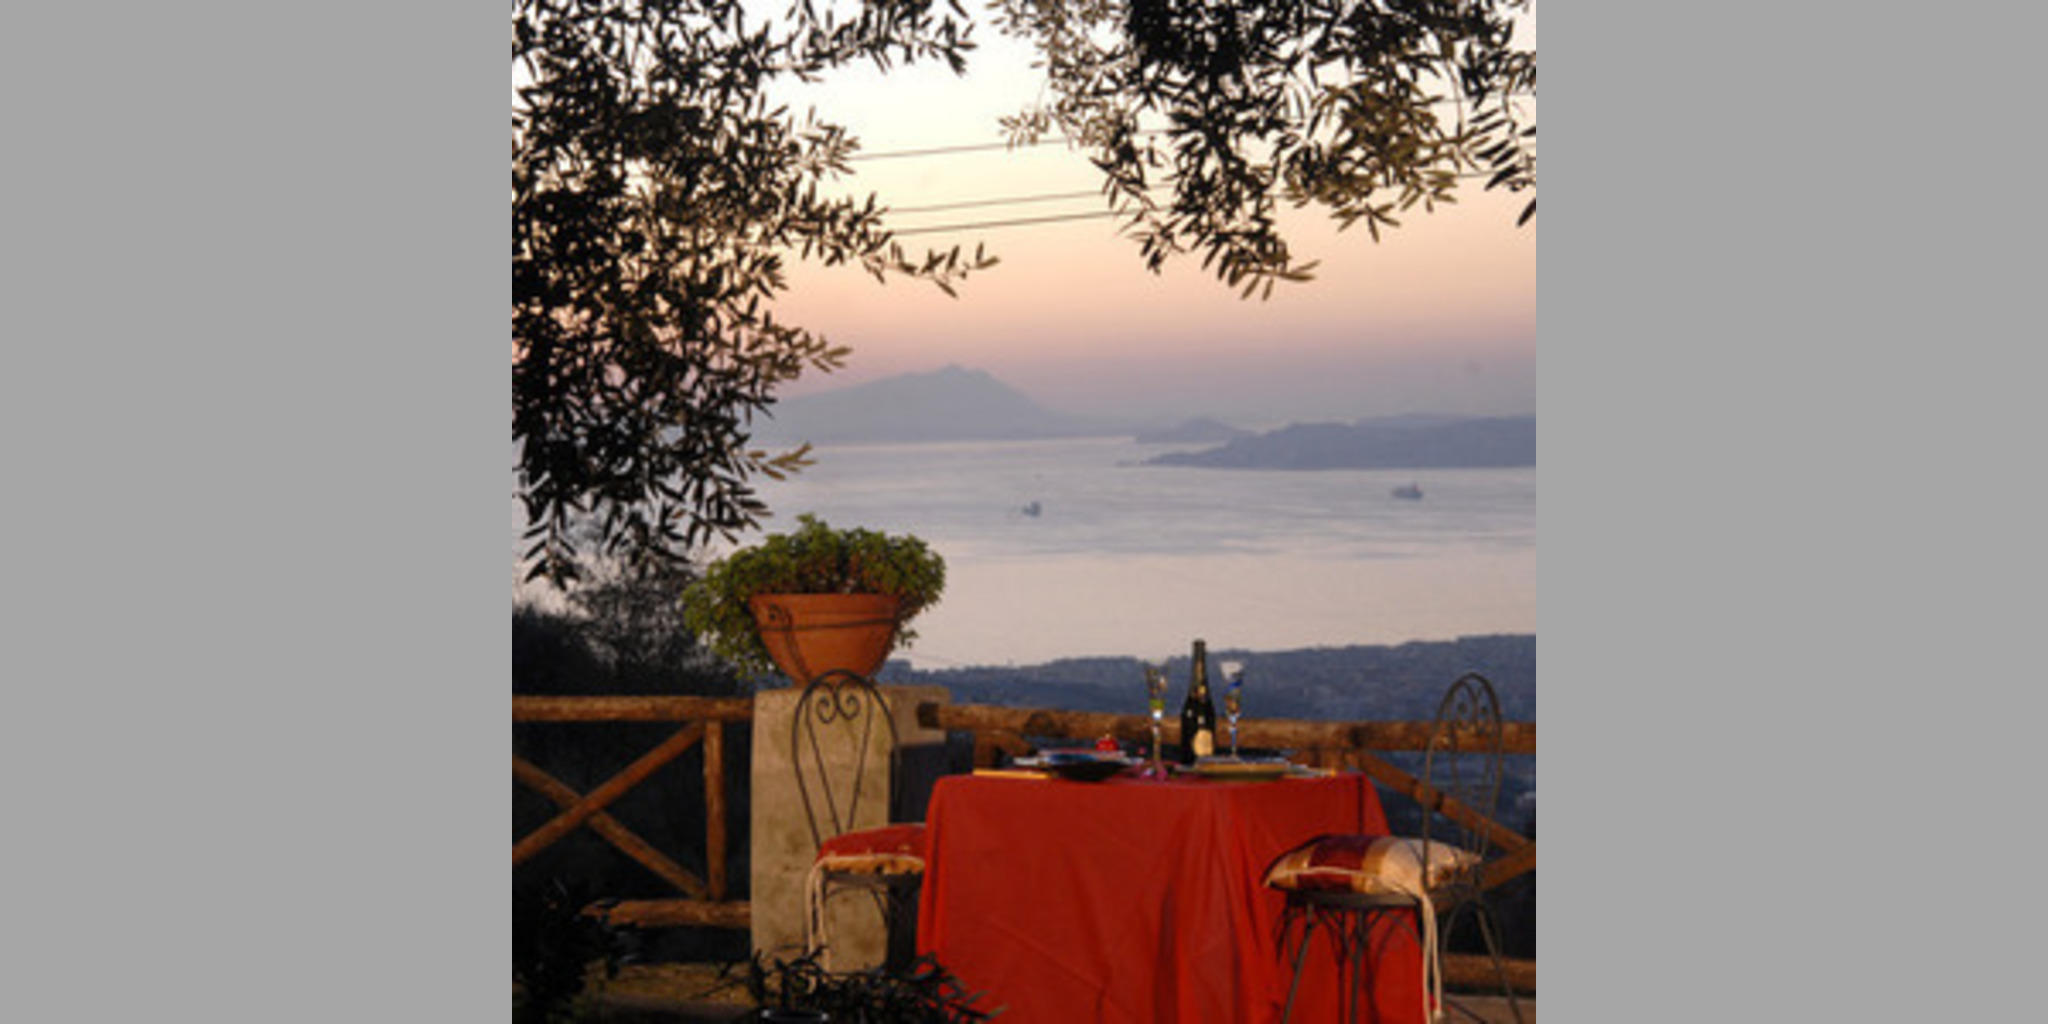 Bed & Breakfast Ercolano - Vesuvio